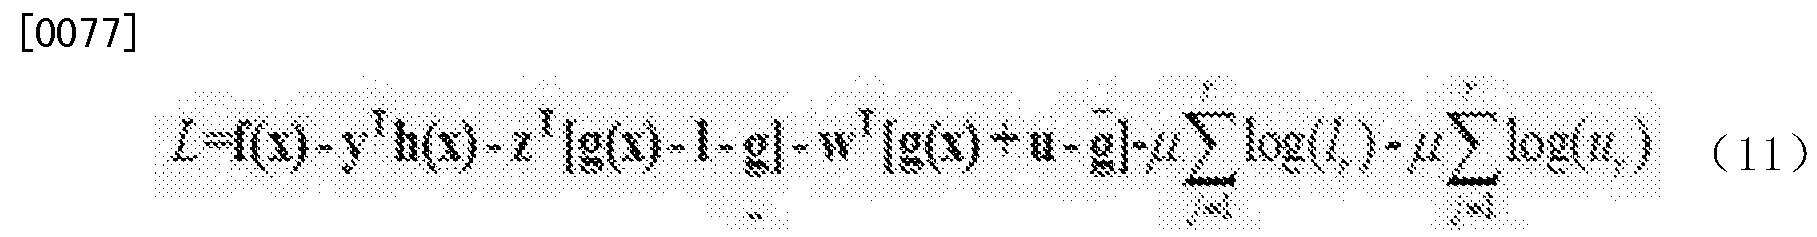 Figure CN103439941BD00123